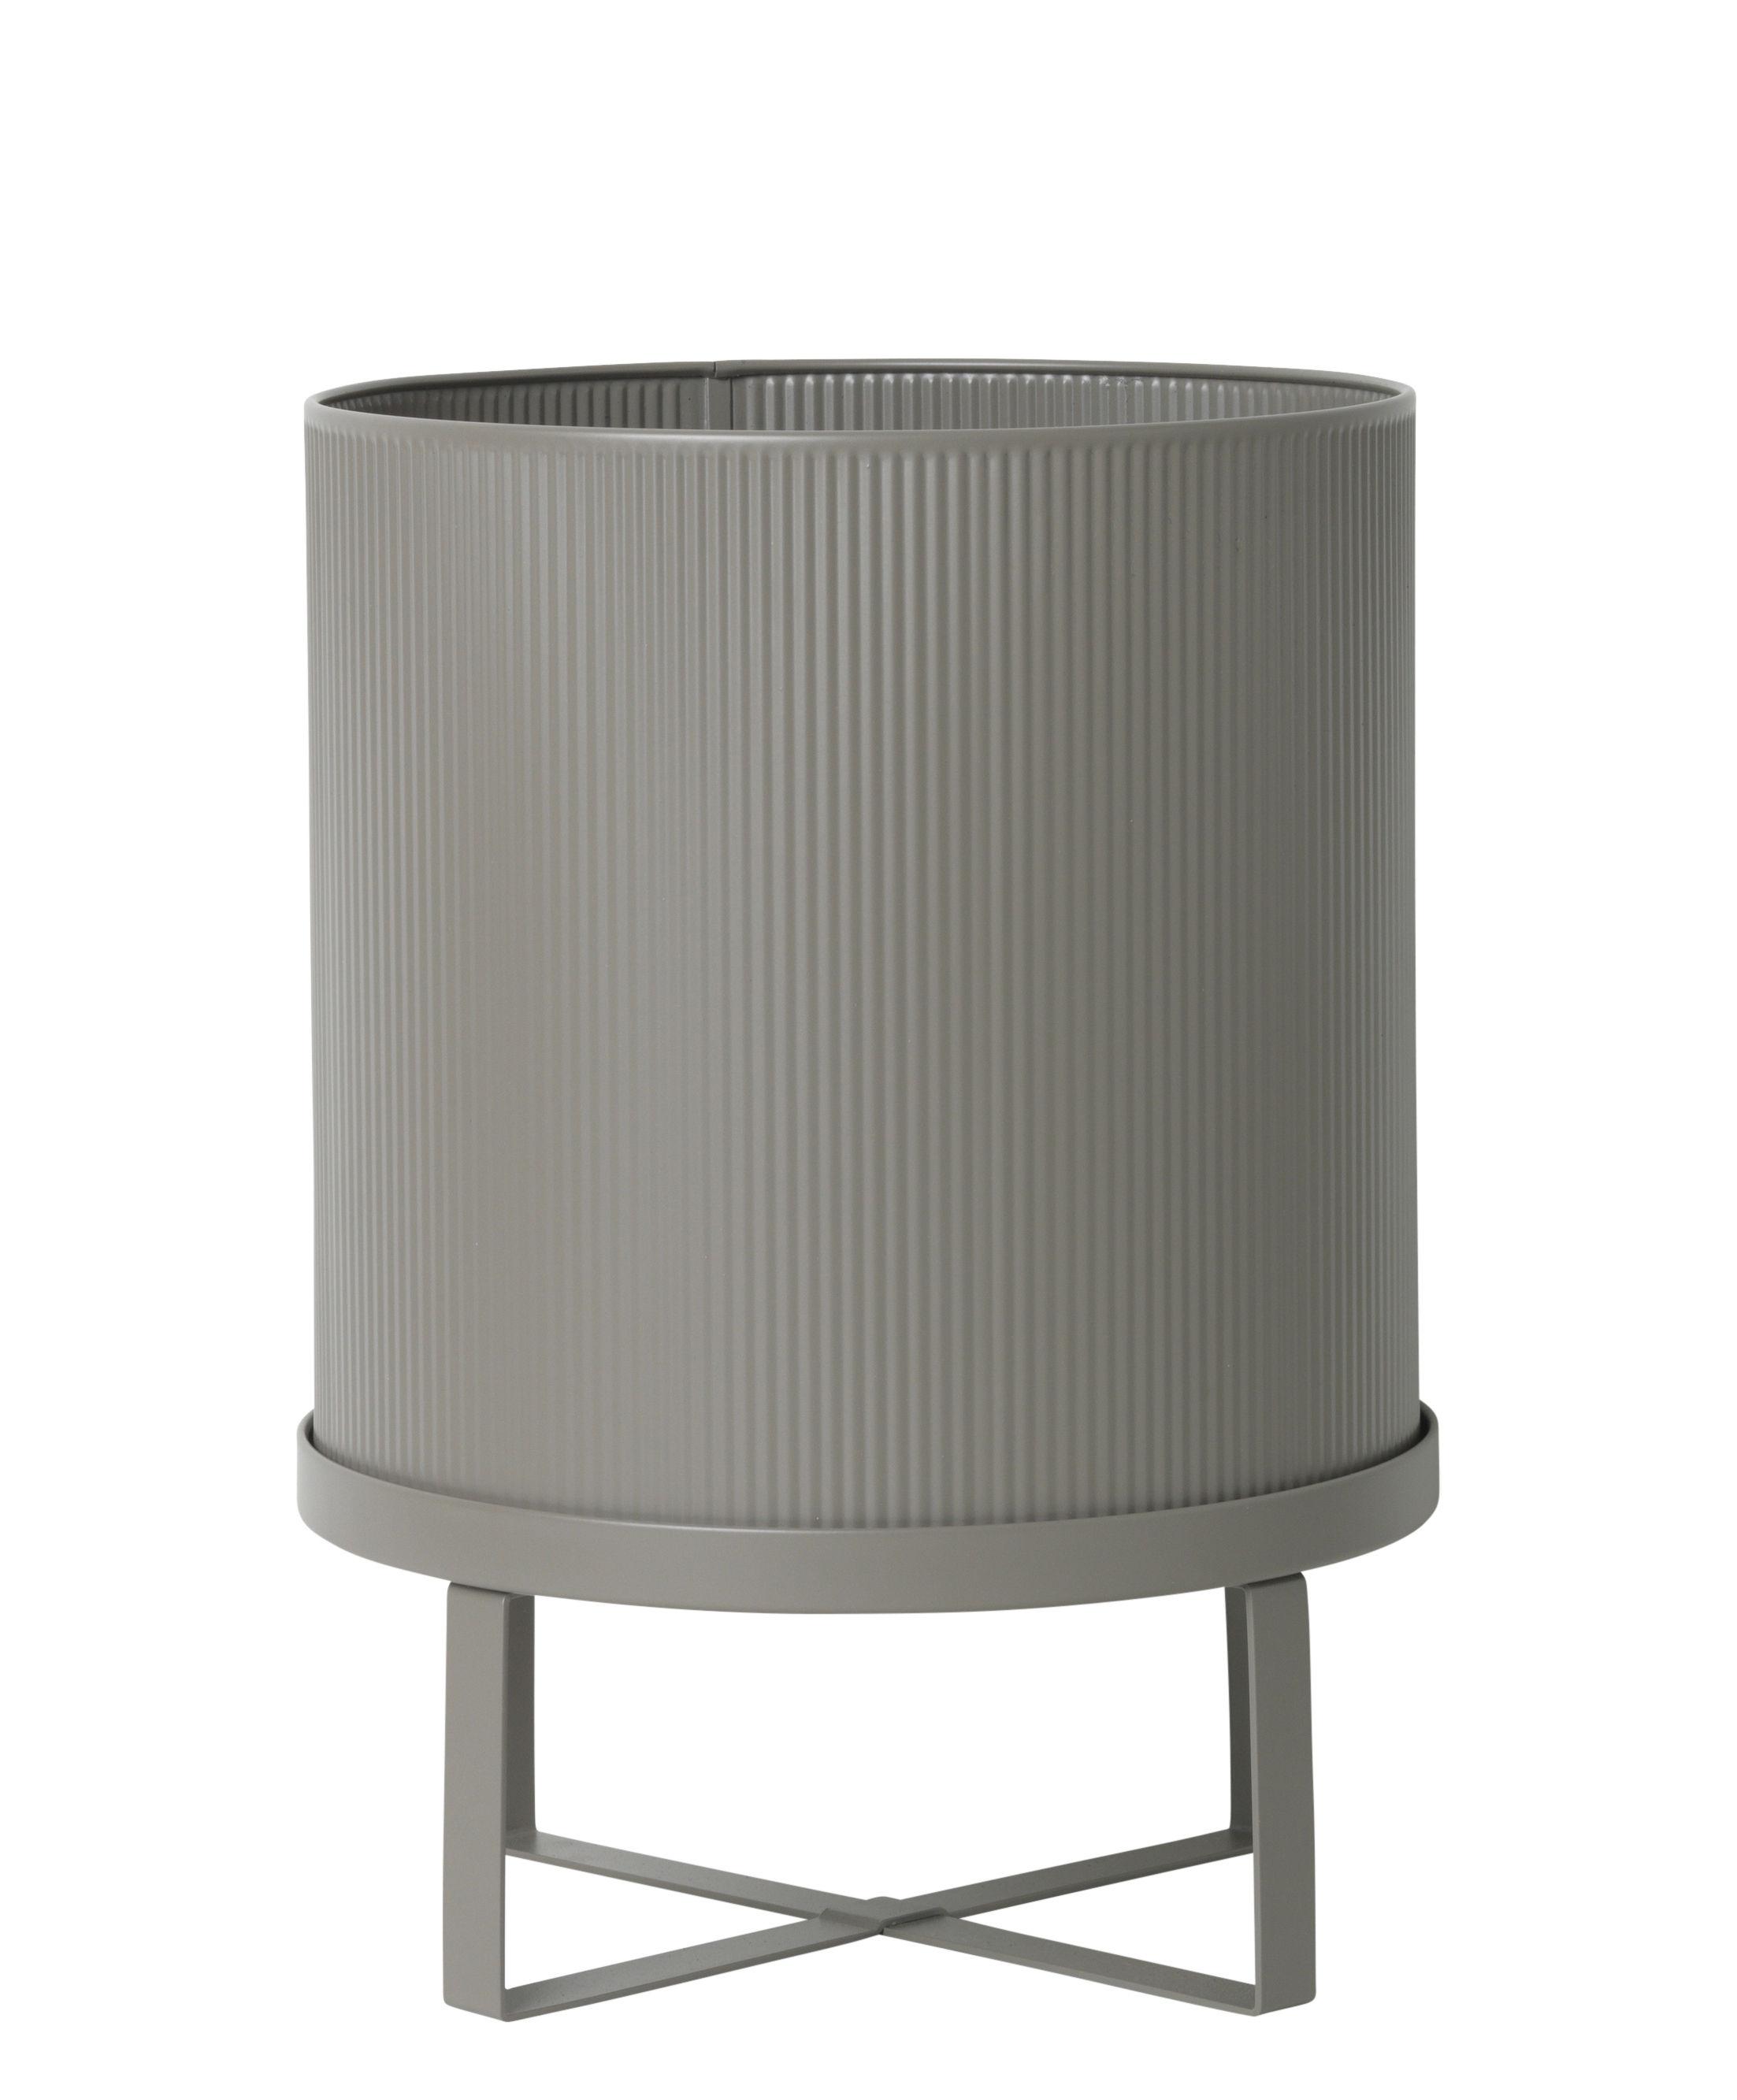 Outdoor - Töpfe und Pflanzen - Bau Large Blumentopf / Ø 28 cm - Metall - Ferm Living - Warmes Grau - galvanisierter Stahl